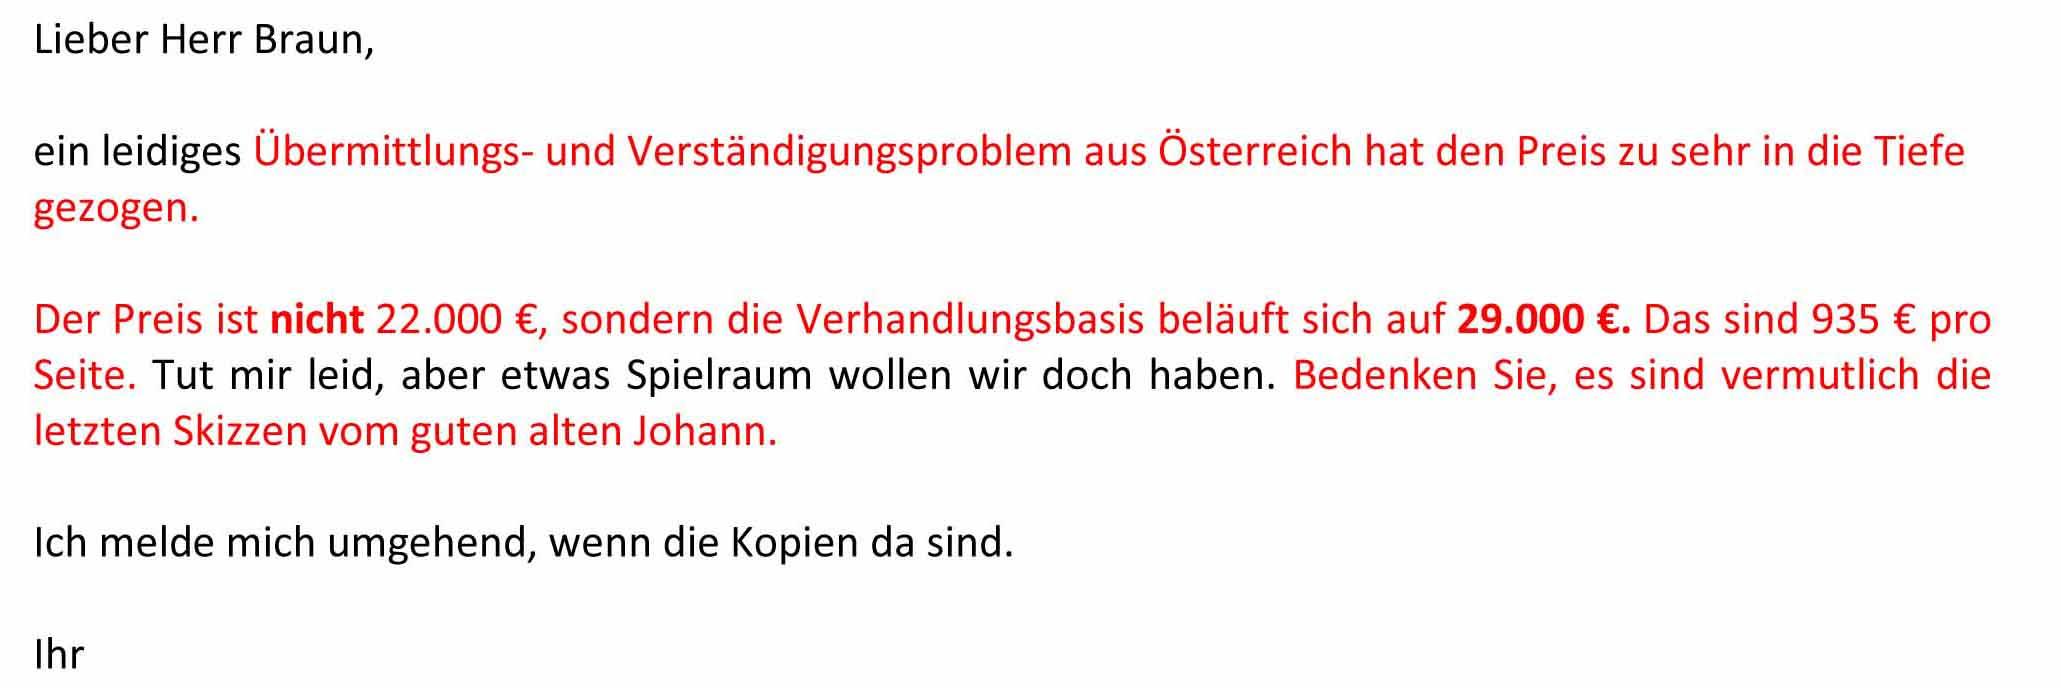 Bodendorff Übermittlungsproblem Tiefe